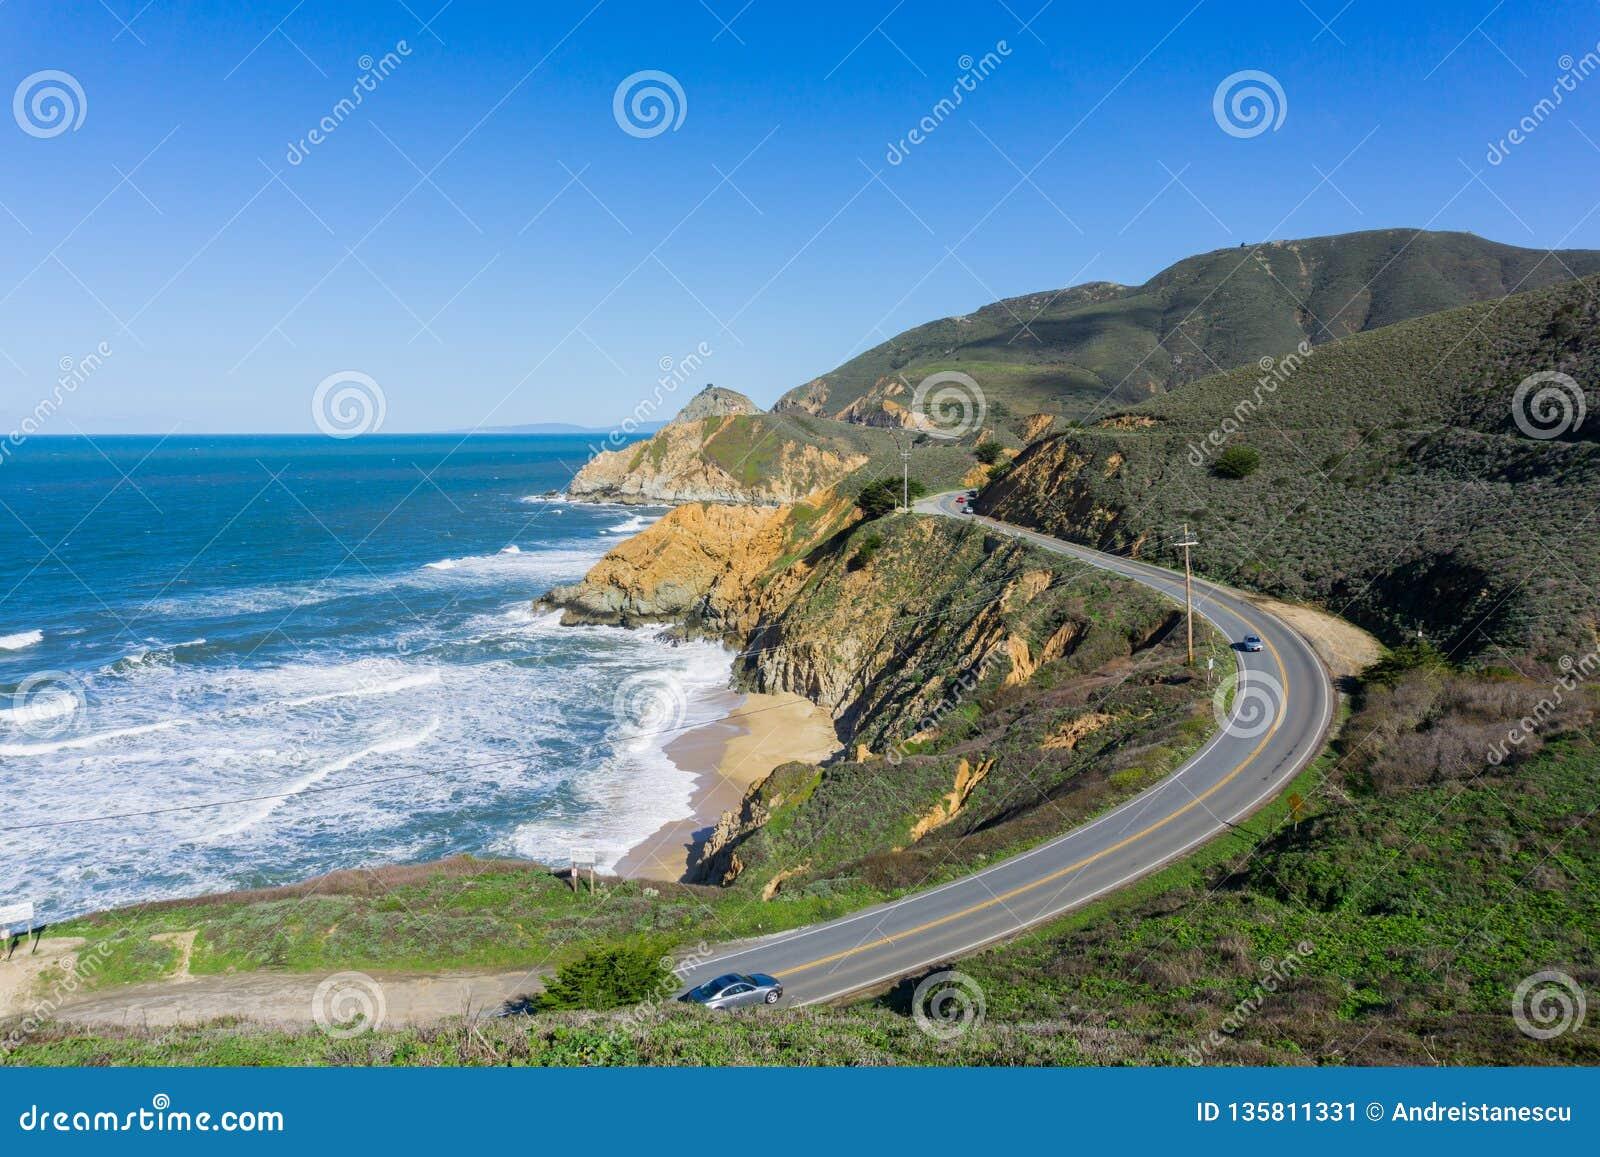 风景高速公路,恶魔的幻灯片,加利福尼亚鸟瞰图在太平洋海岸的